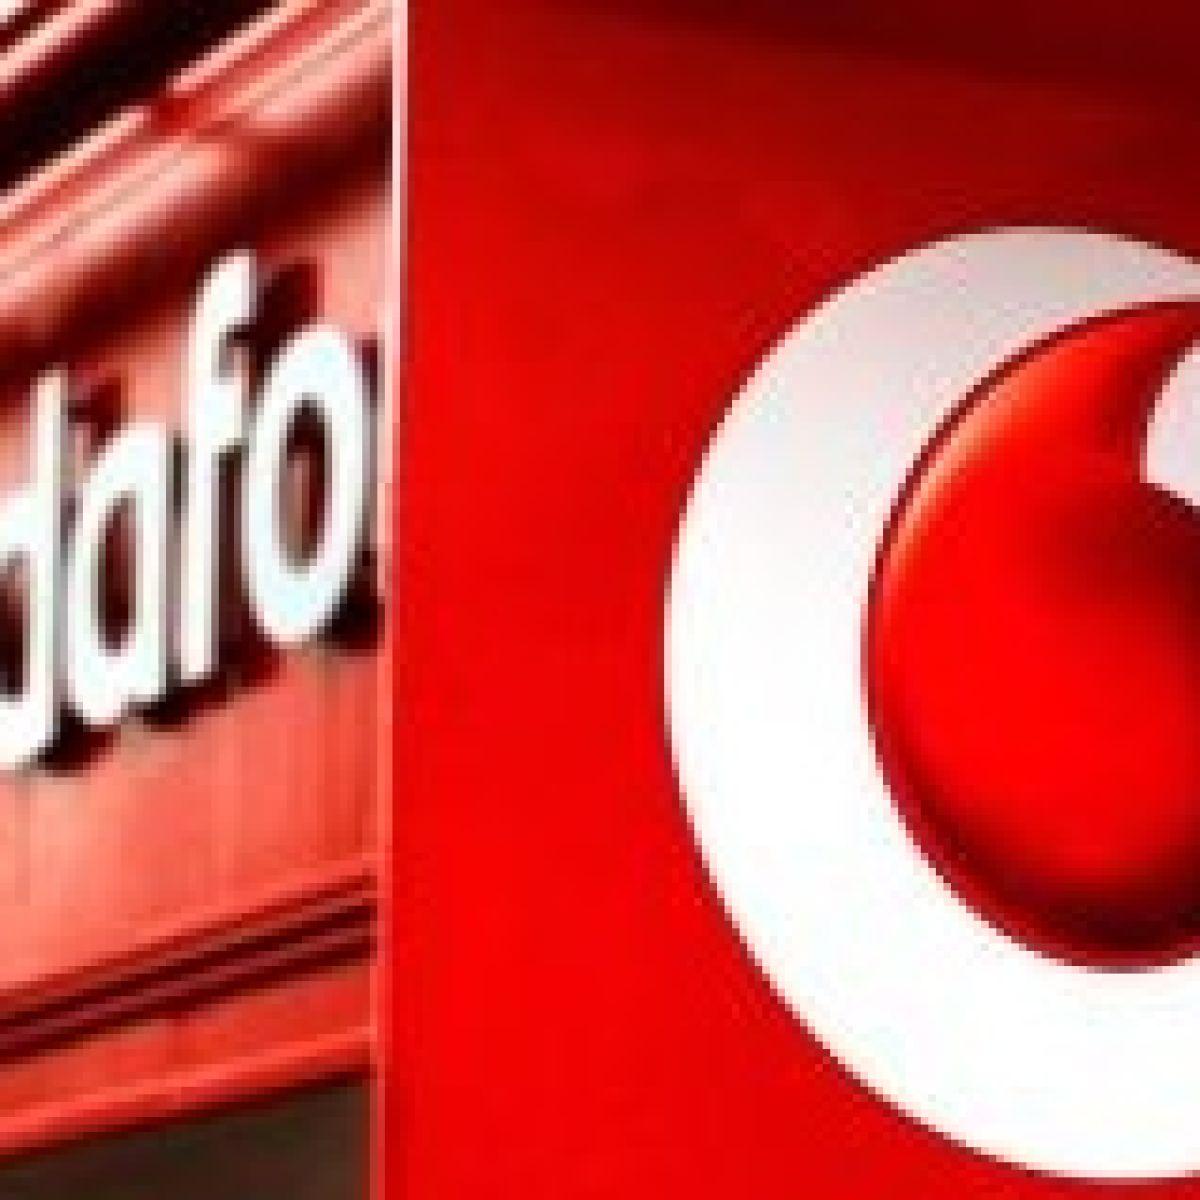 Vodafone records slip in service revenues to €949m